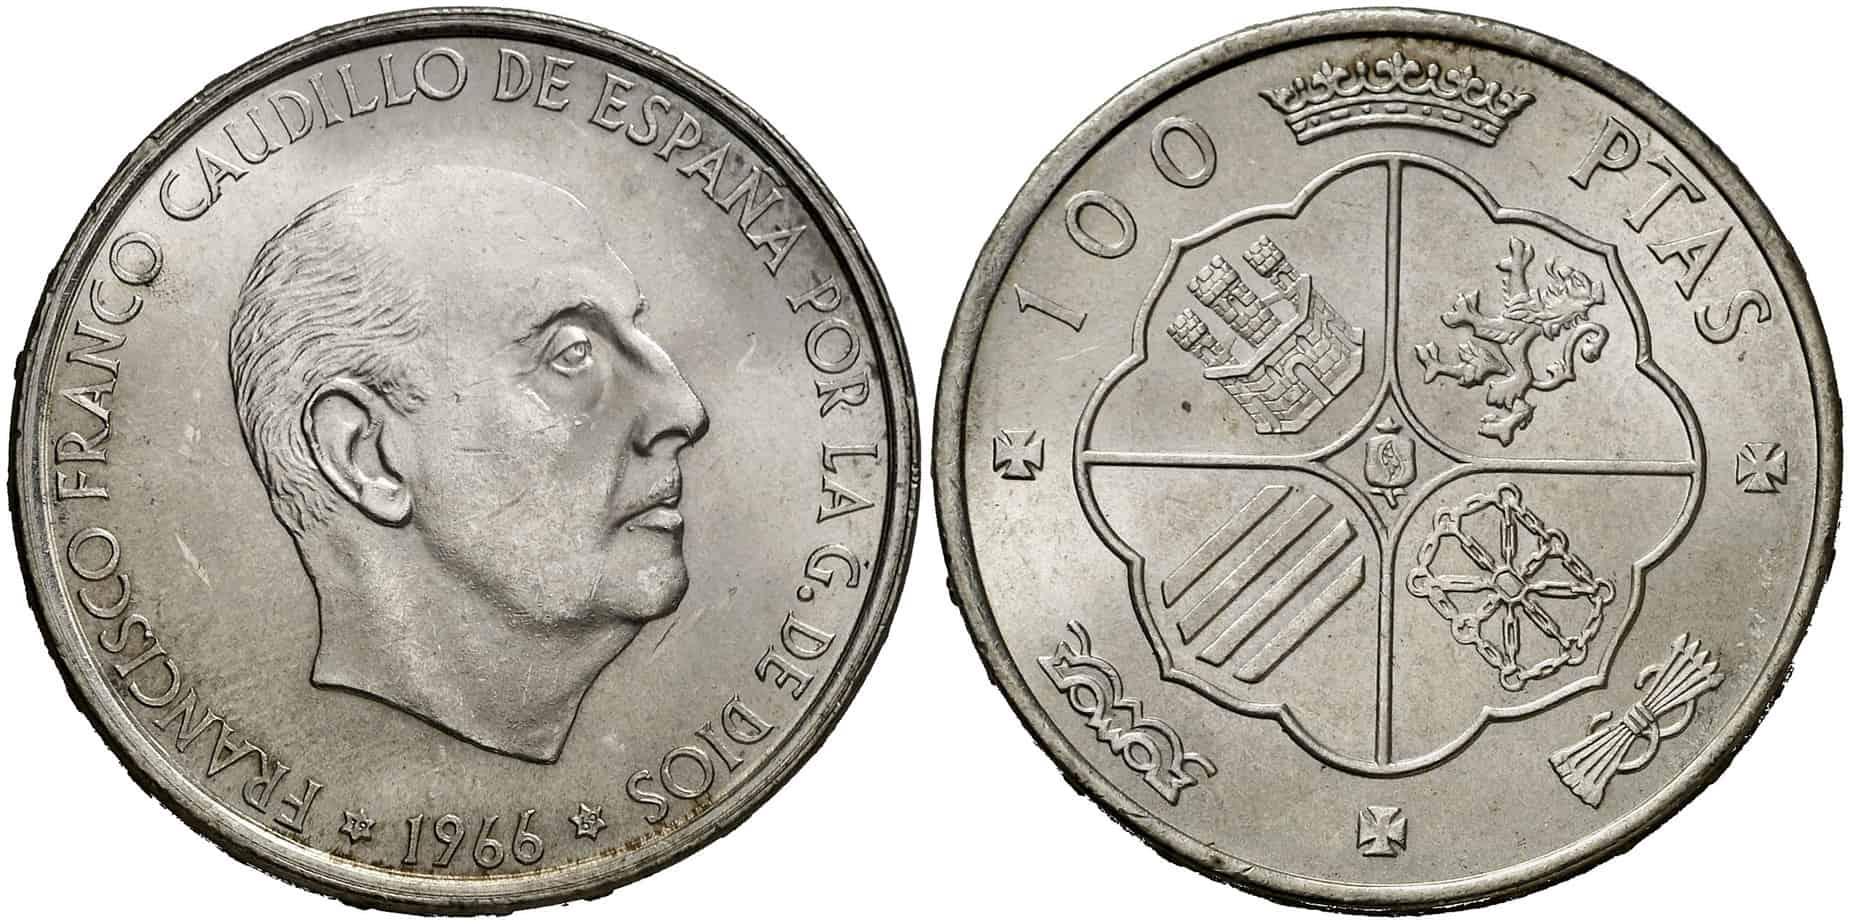 100 pesetas de Franco 1966: Precio y variantes